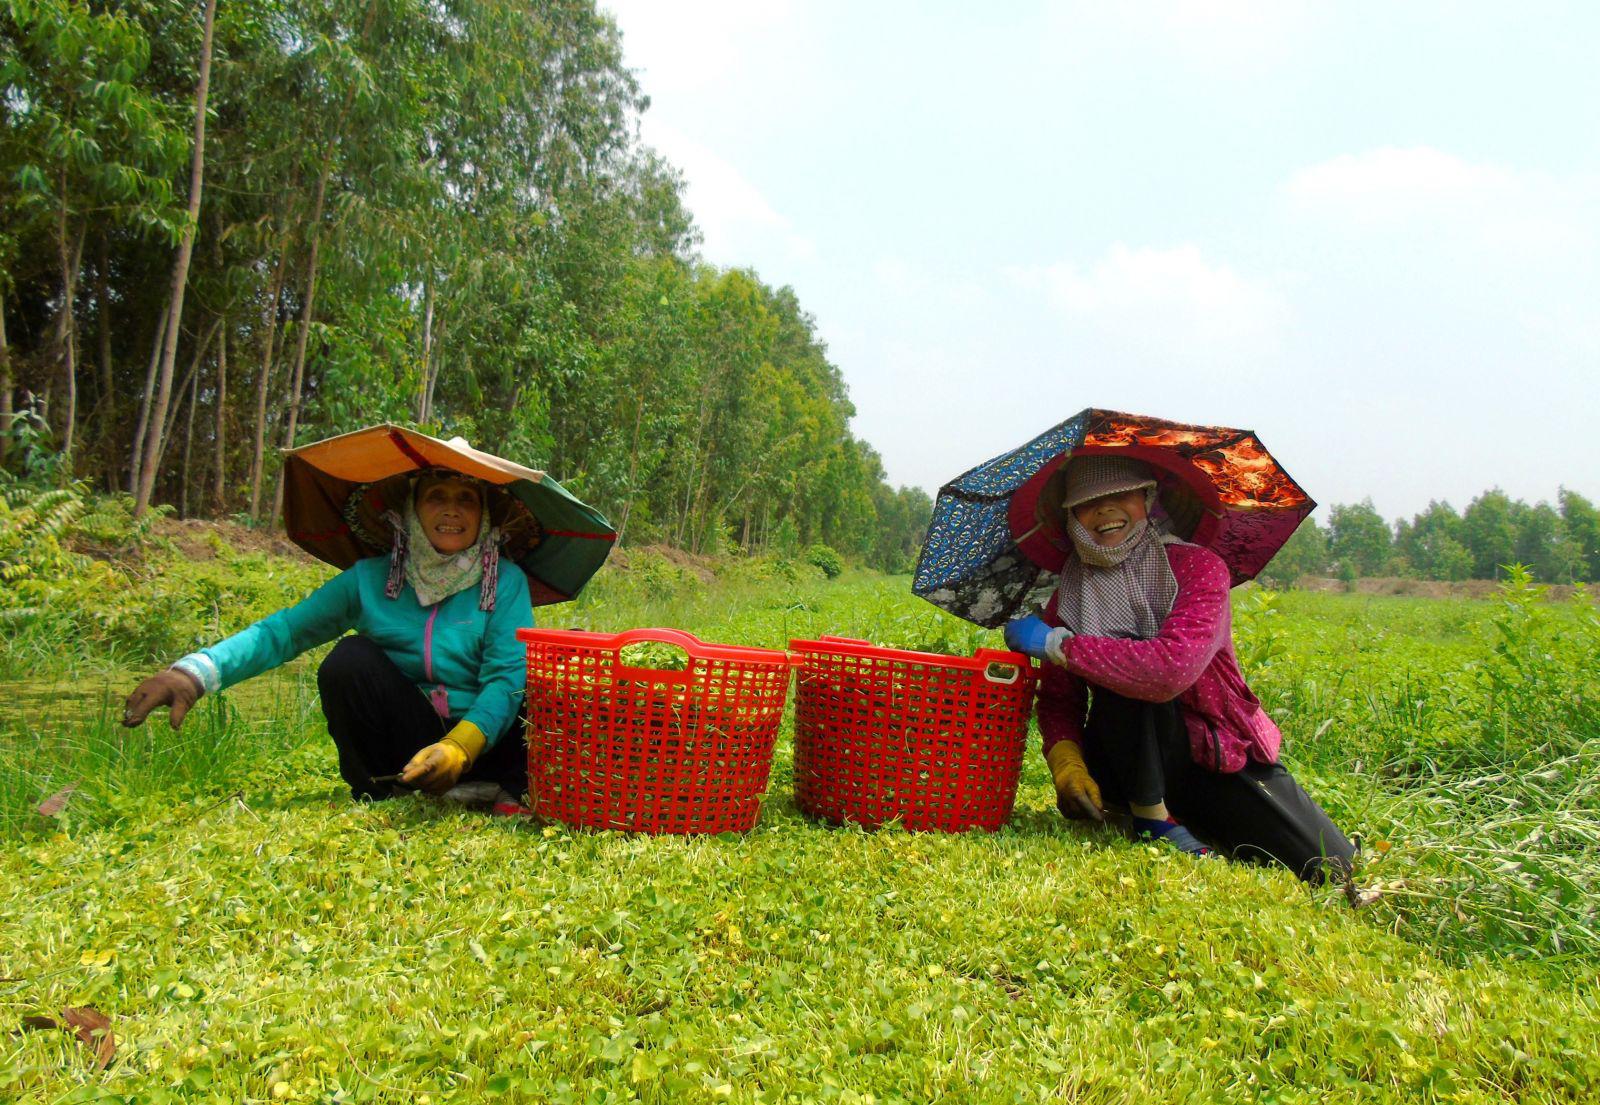 Bỏ trồng lúa và chanh chuyển sang trồng rau má, dân ở xã Hòa Khánh Tây cứ thế mà khấm khá - Ảnh 1.